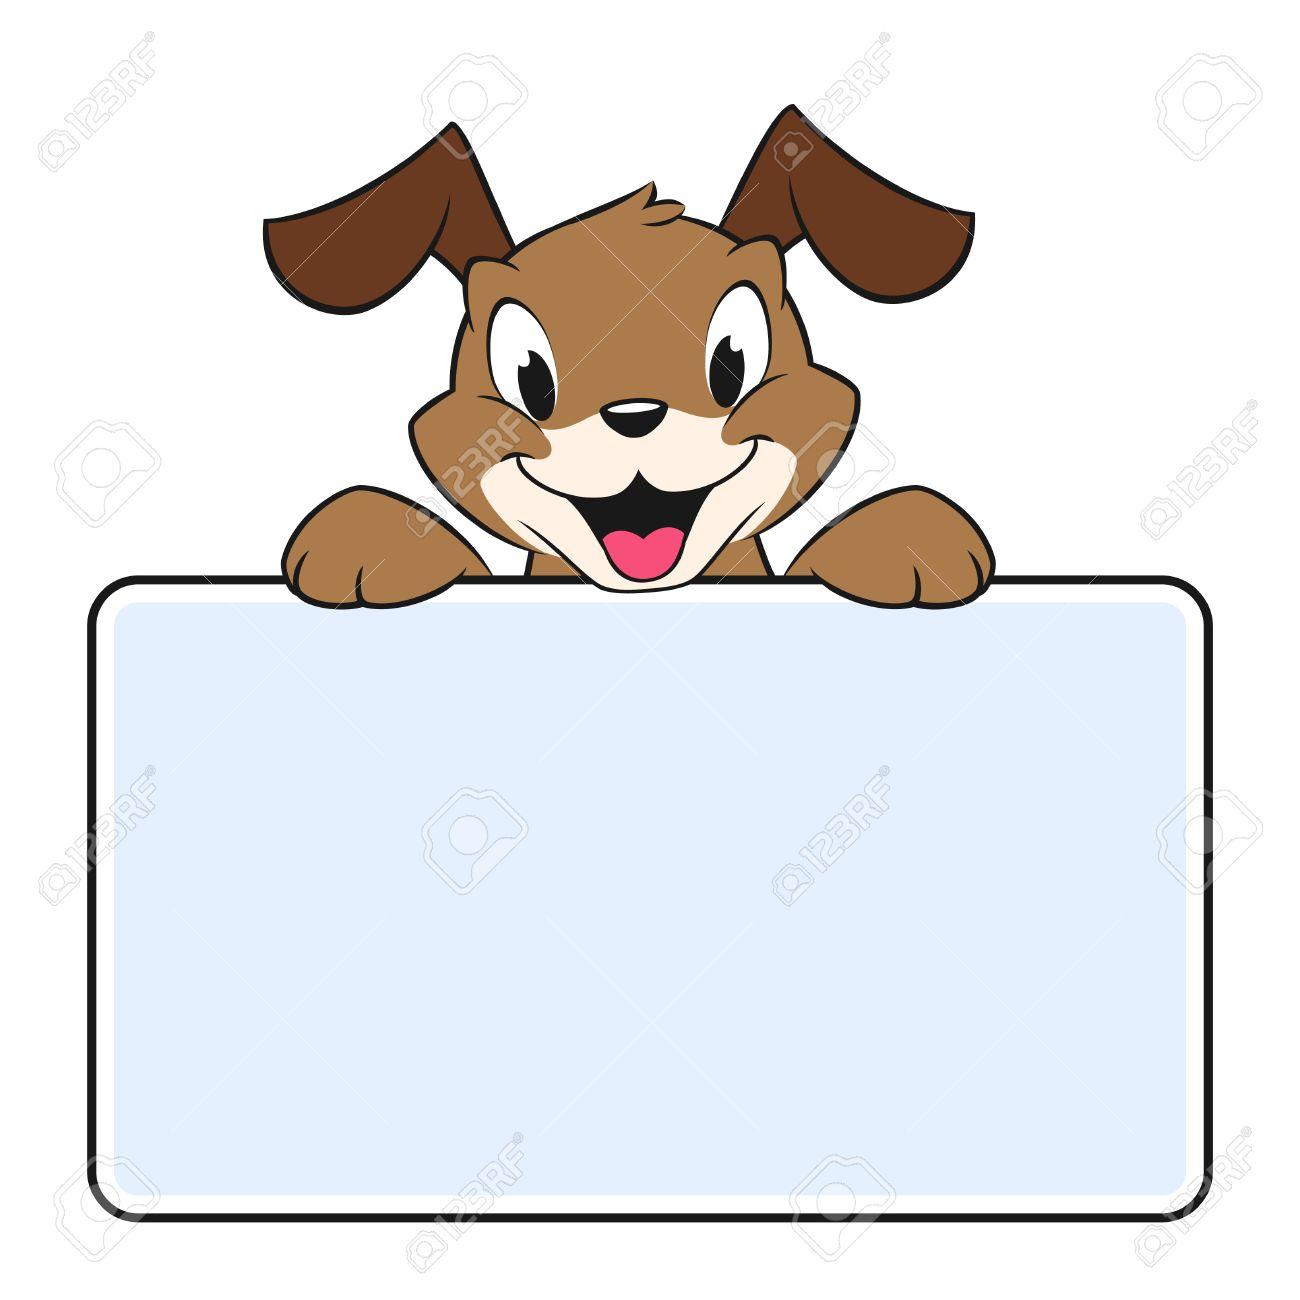 63f2d7ea54c78 Foto de archivo - Ilustración del vector de un perro de dibujos animados  con un cartel en blanco